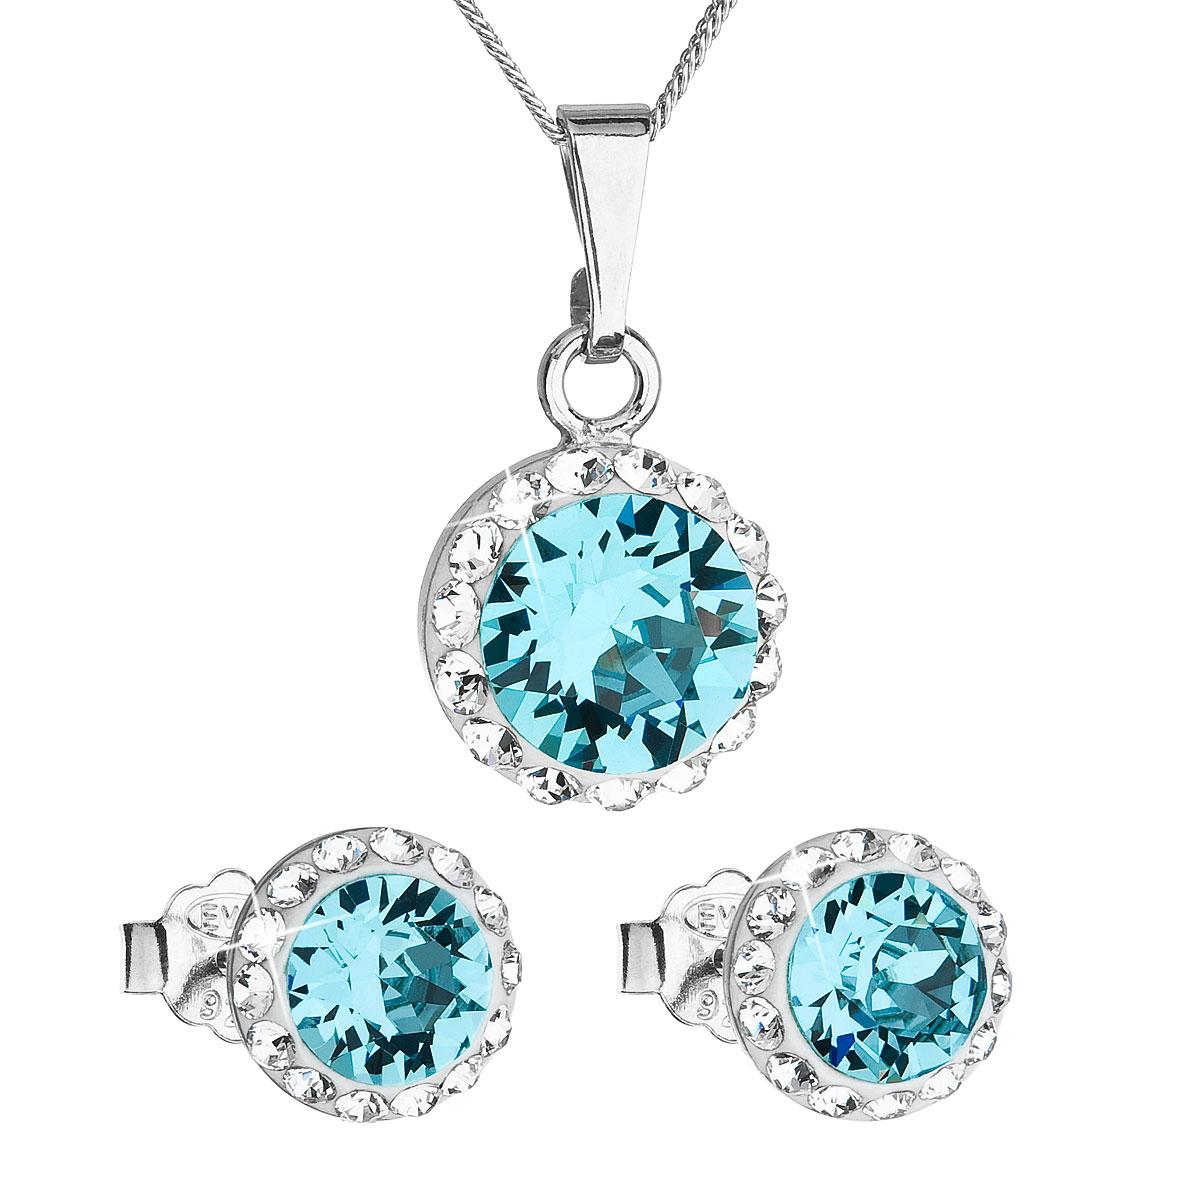 Sada šperkov s krištáľmi Swarovski náušnice, retiazka a prívesok modré okrúhle 39152.3